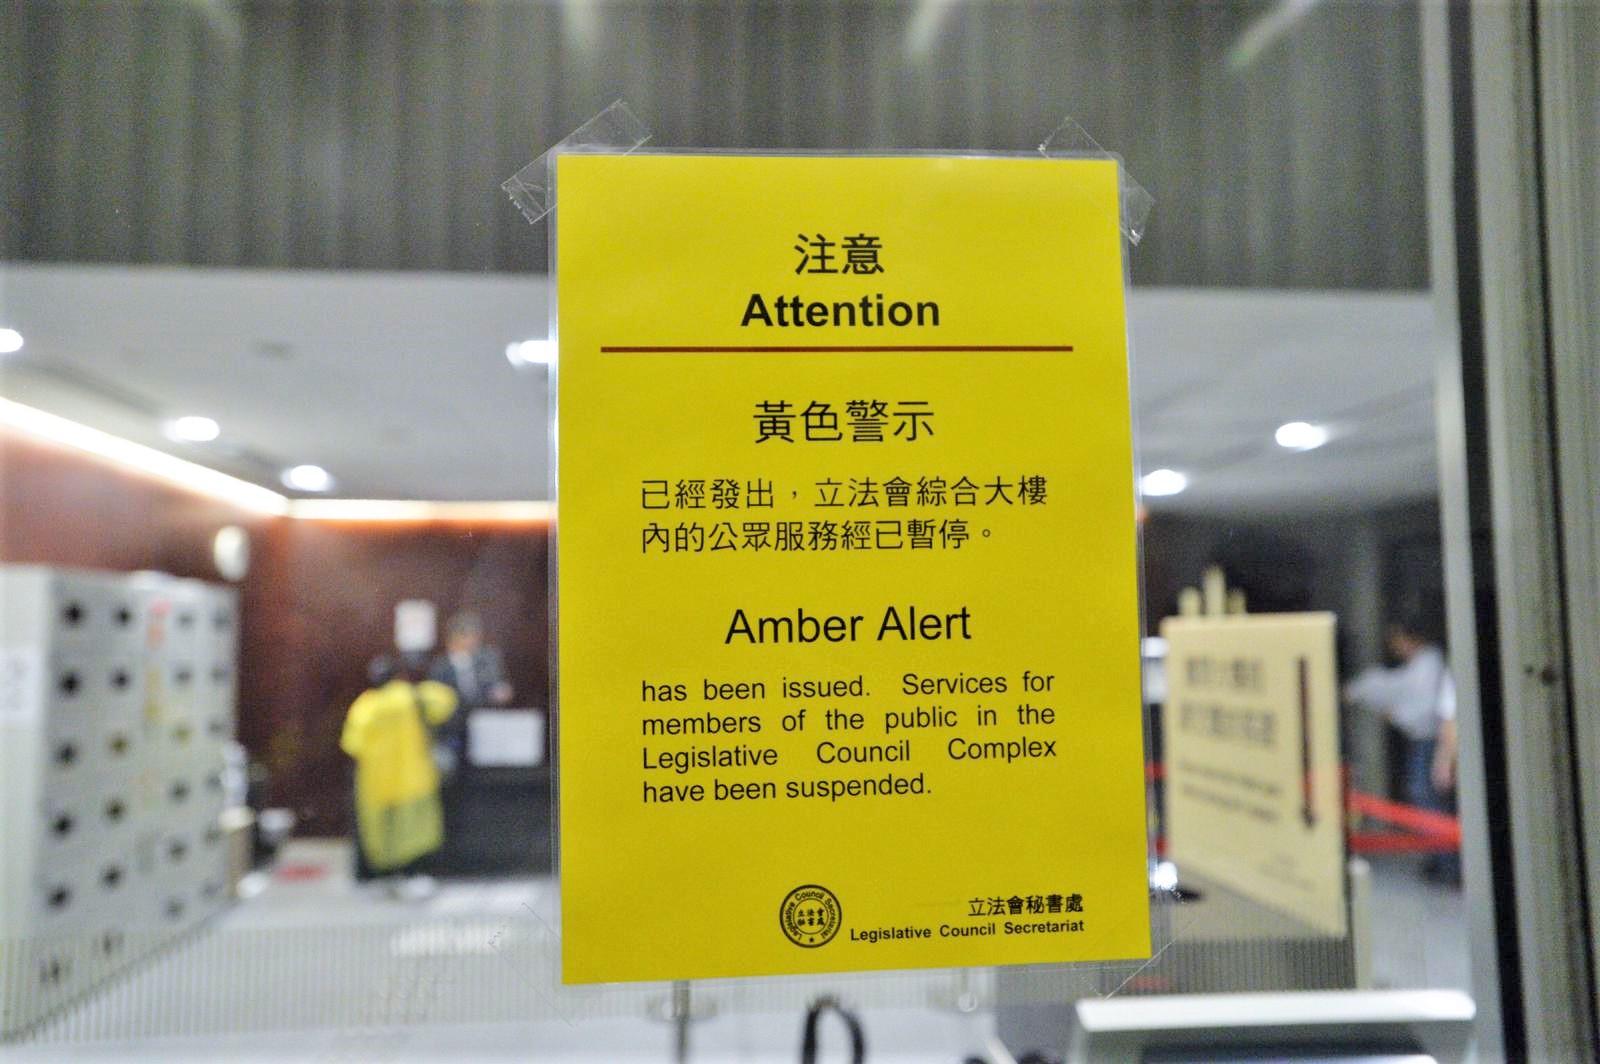 立法會凌晨發出黃色警示。